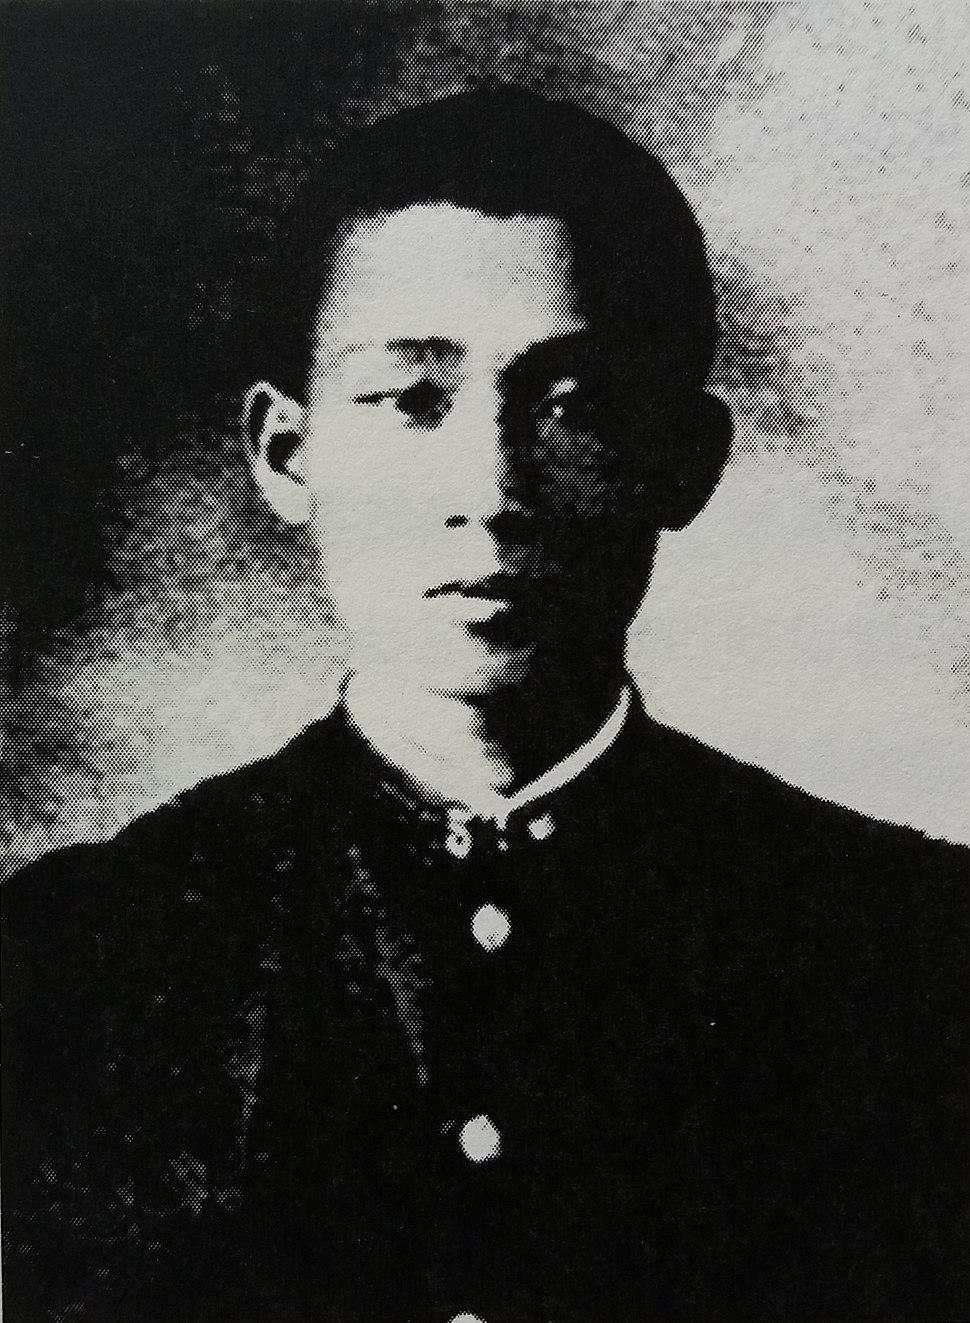 1937年朴正熙大邱师范学校毕业照